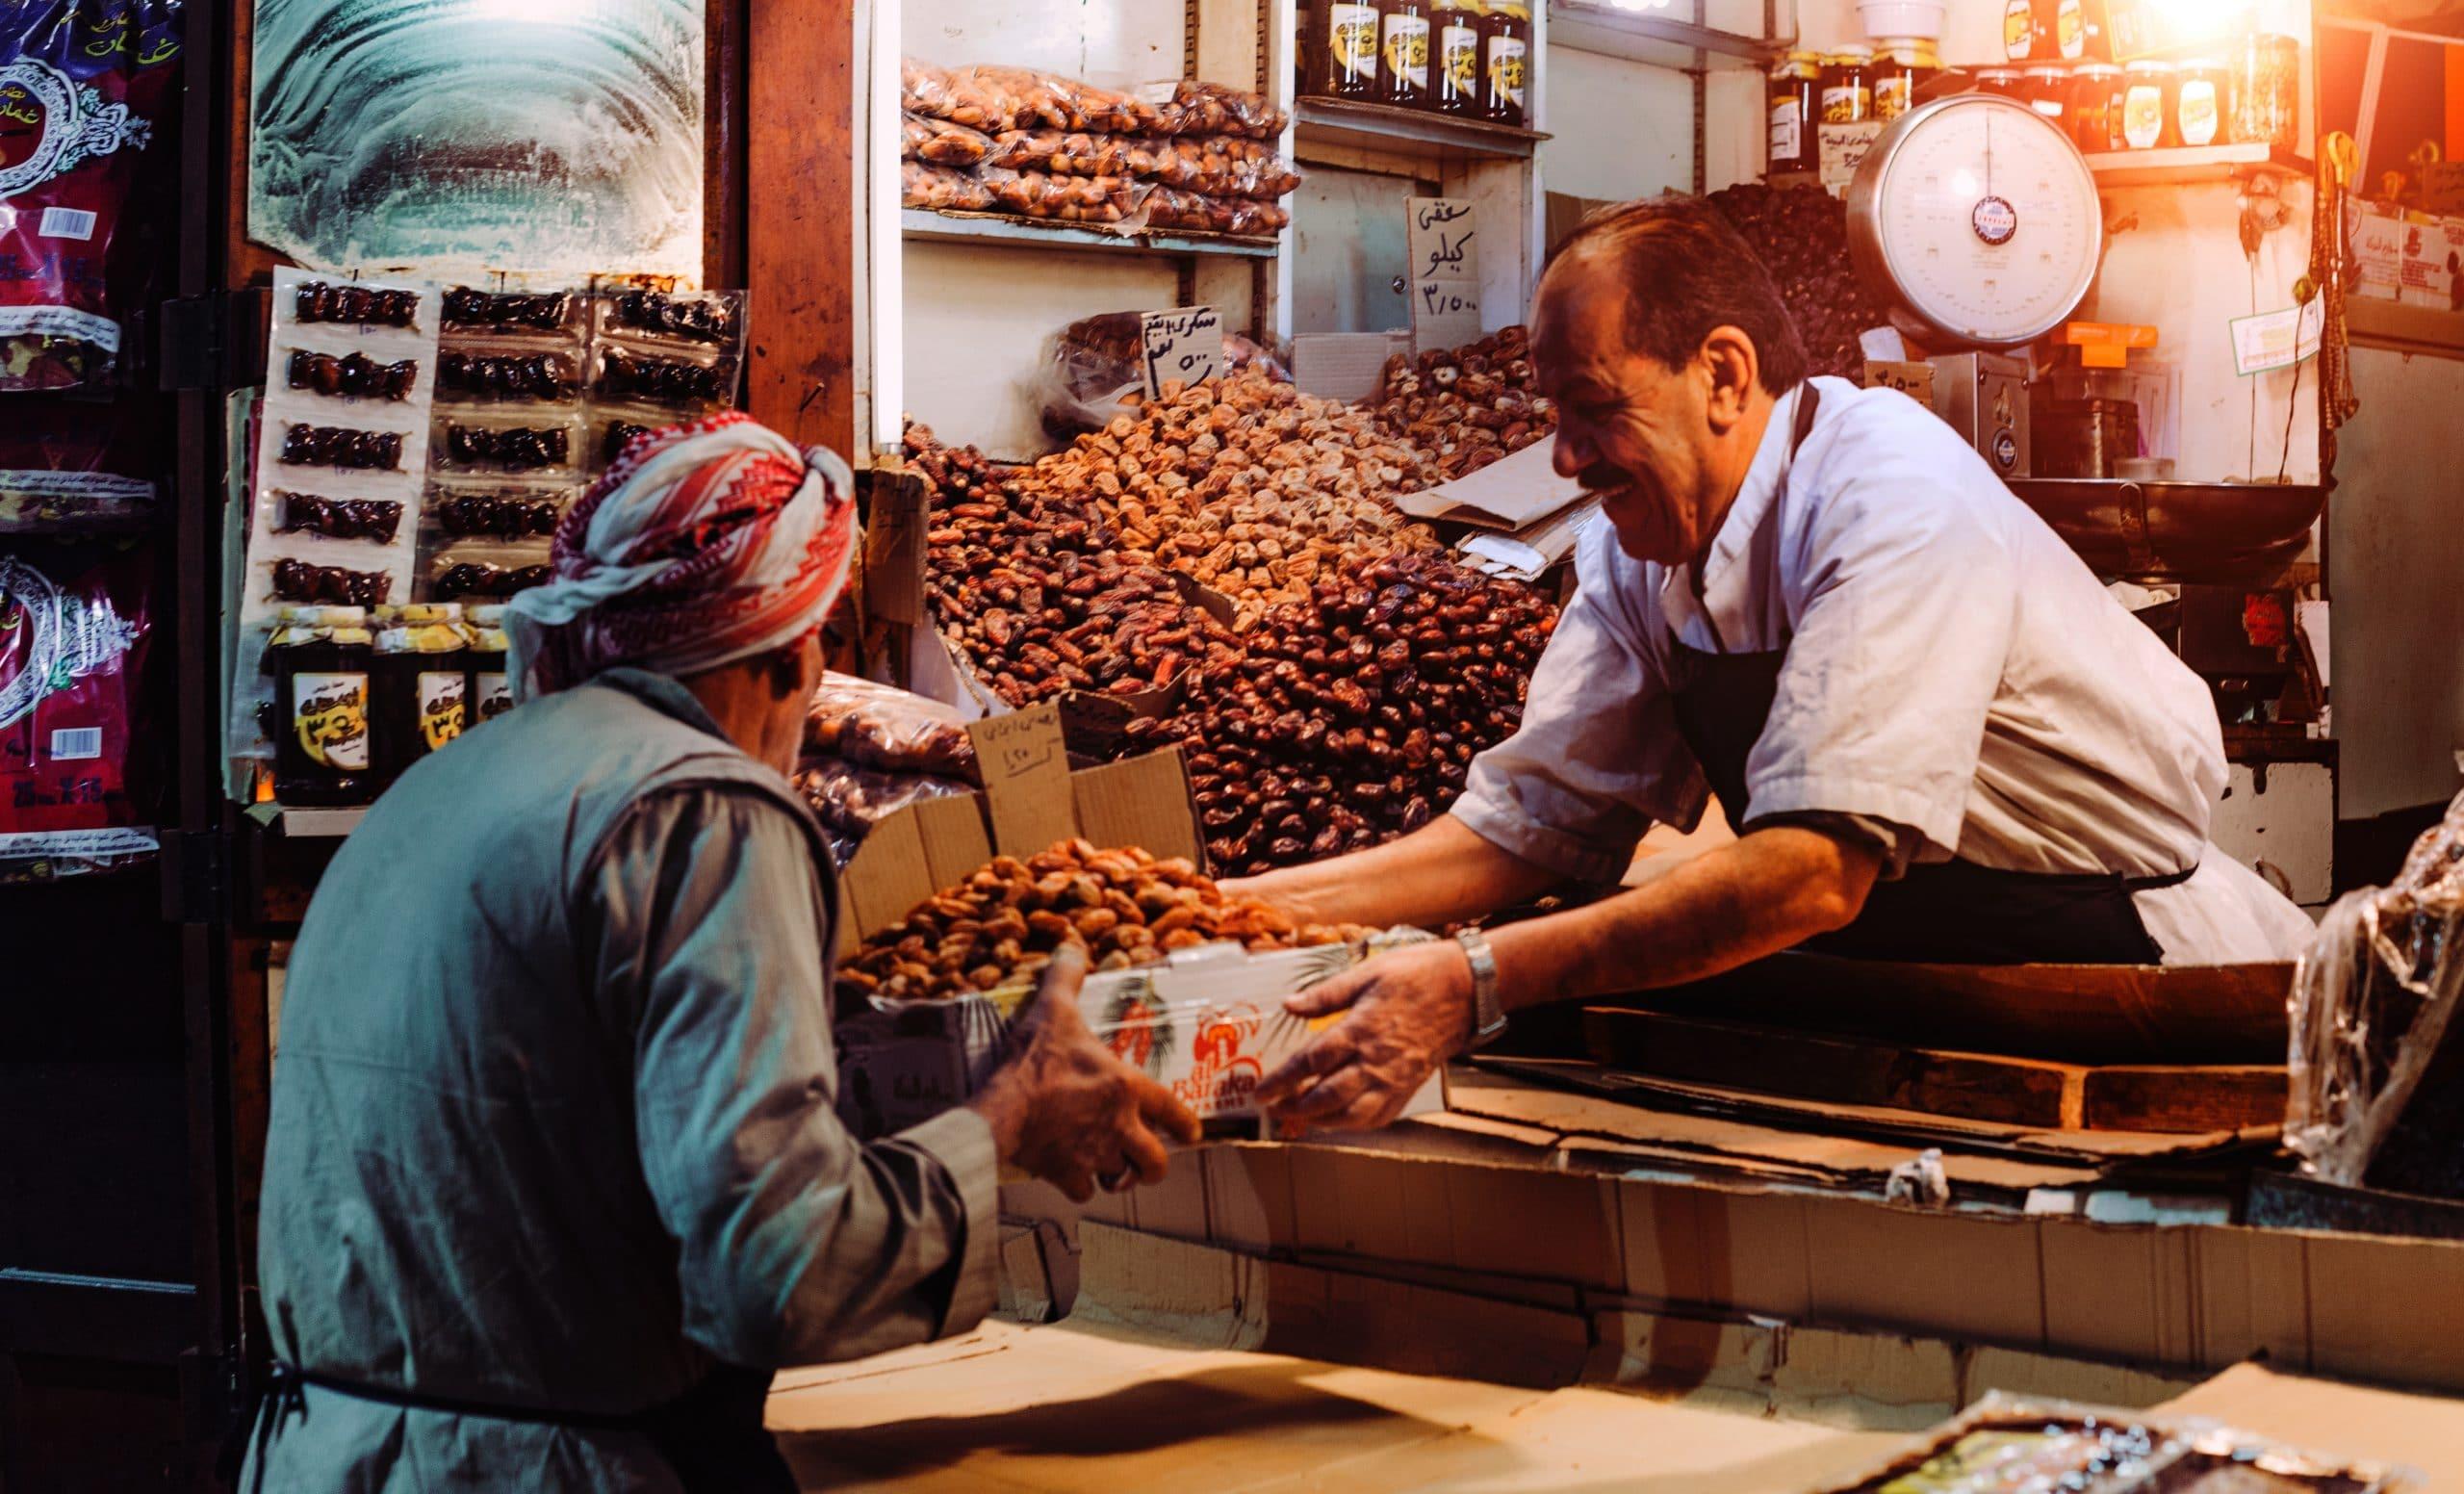 Feirante entregando uma caixa de frutas para um senhor na feira.